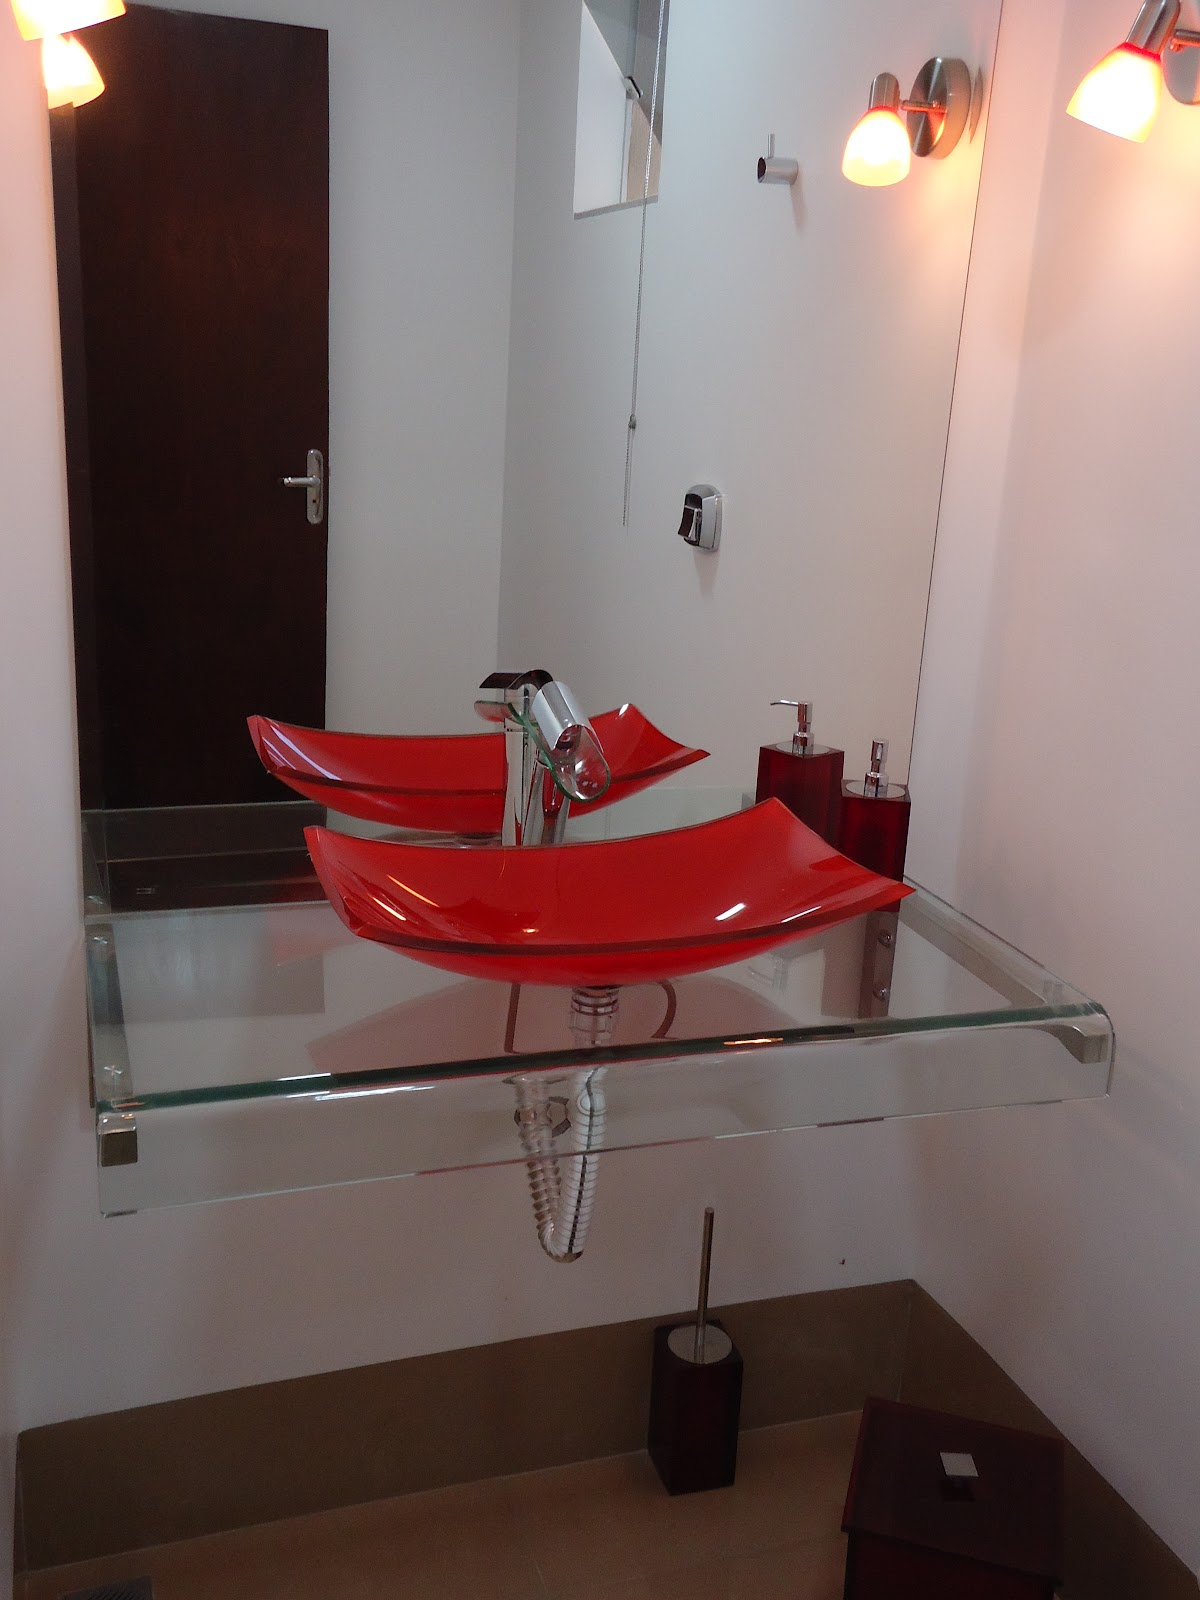 é a lindíssima cuba de vidro vermelha colocada sobre uma bancada  #7F2828 1200x1600 Banheiro Com Bancada Branca